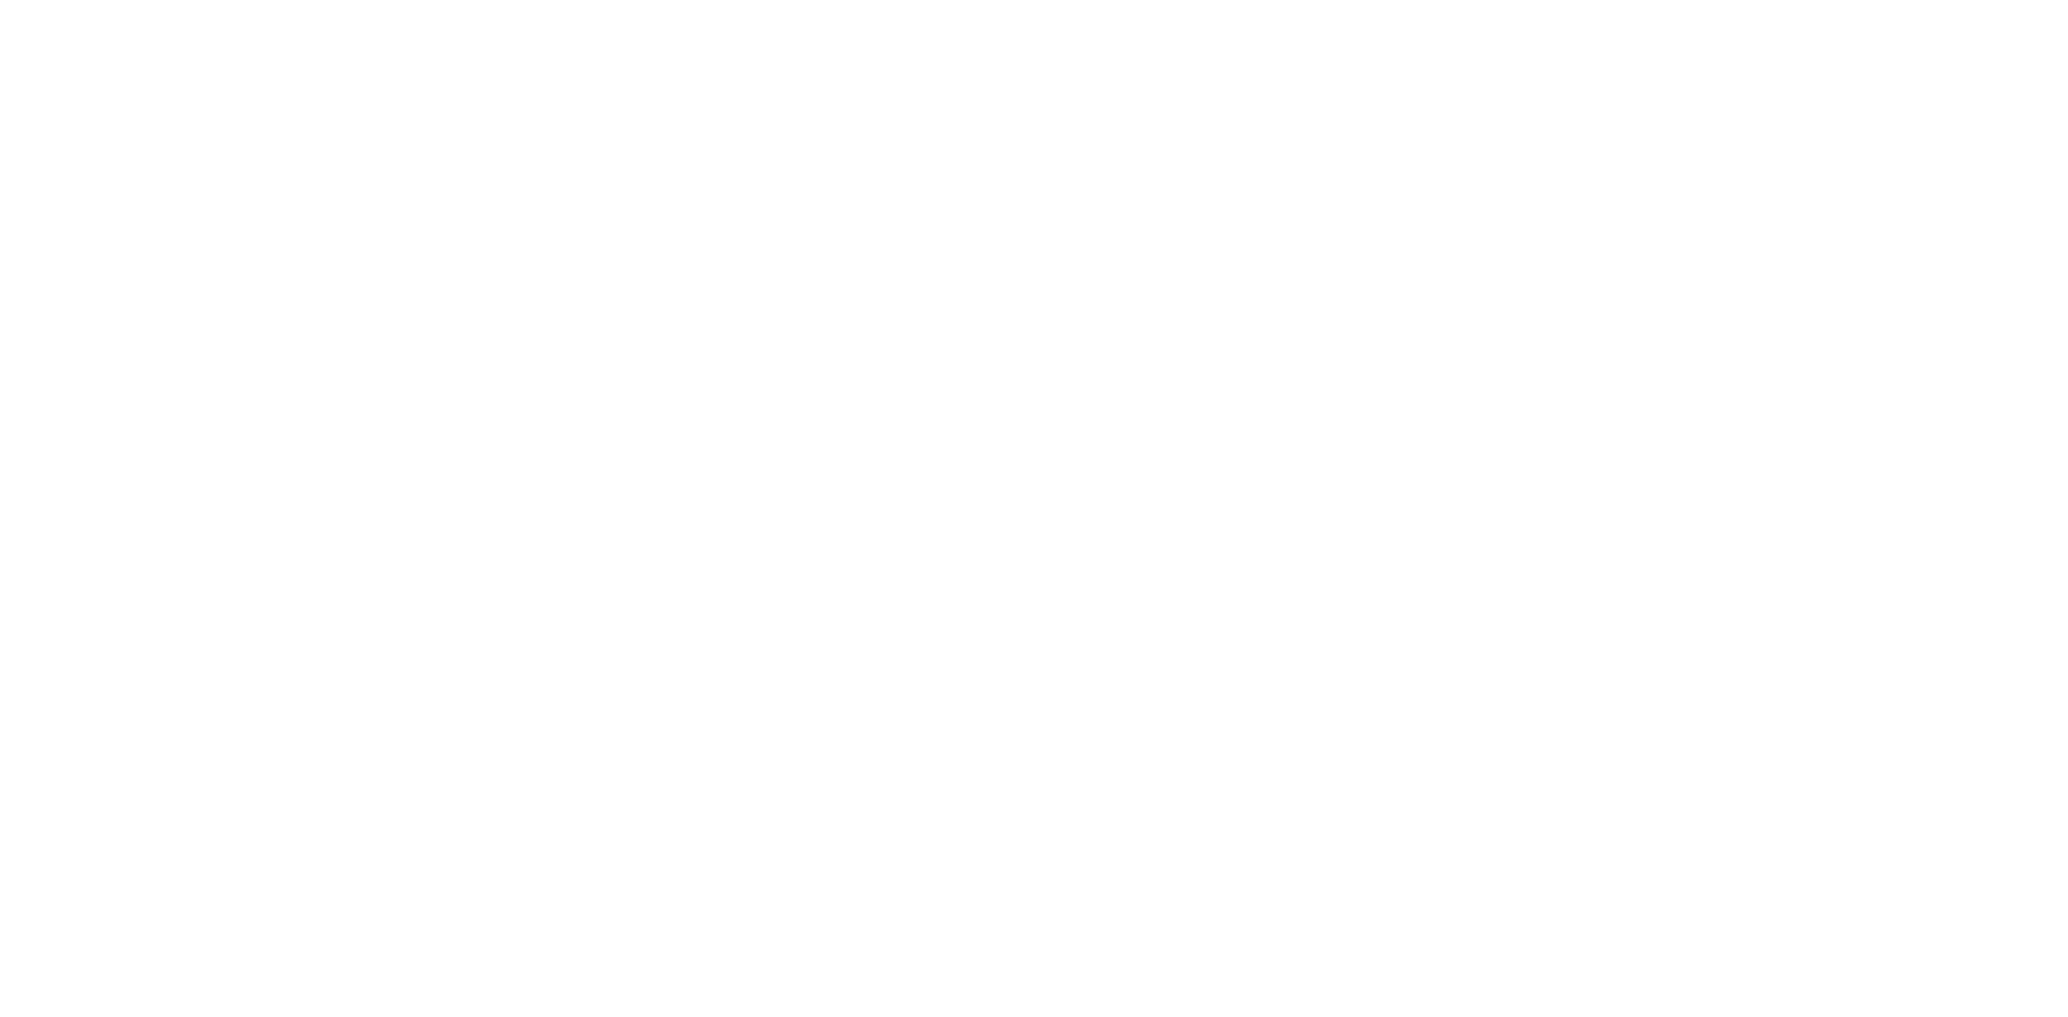 LakeSuperior-White-06-06